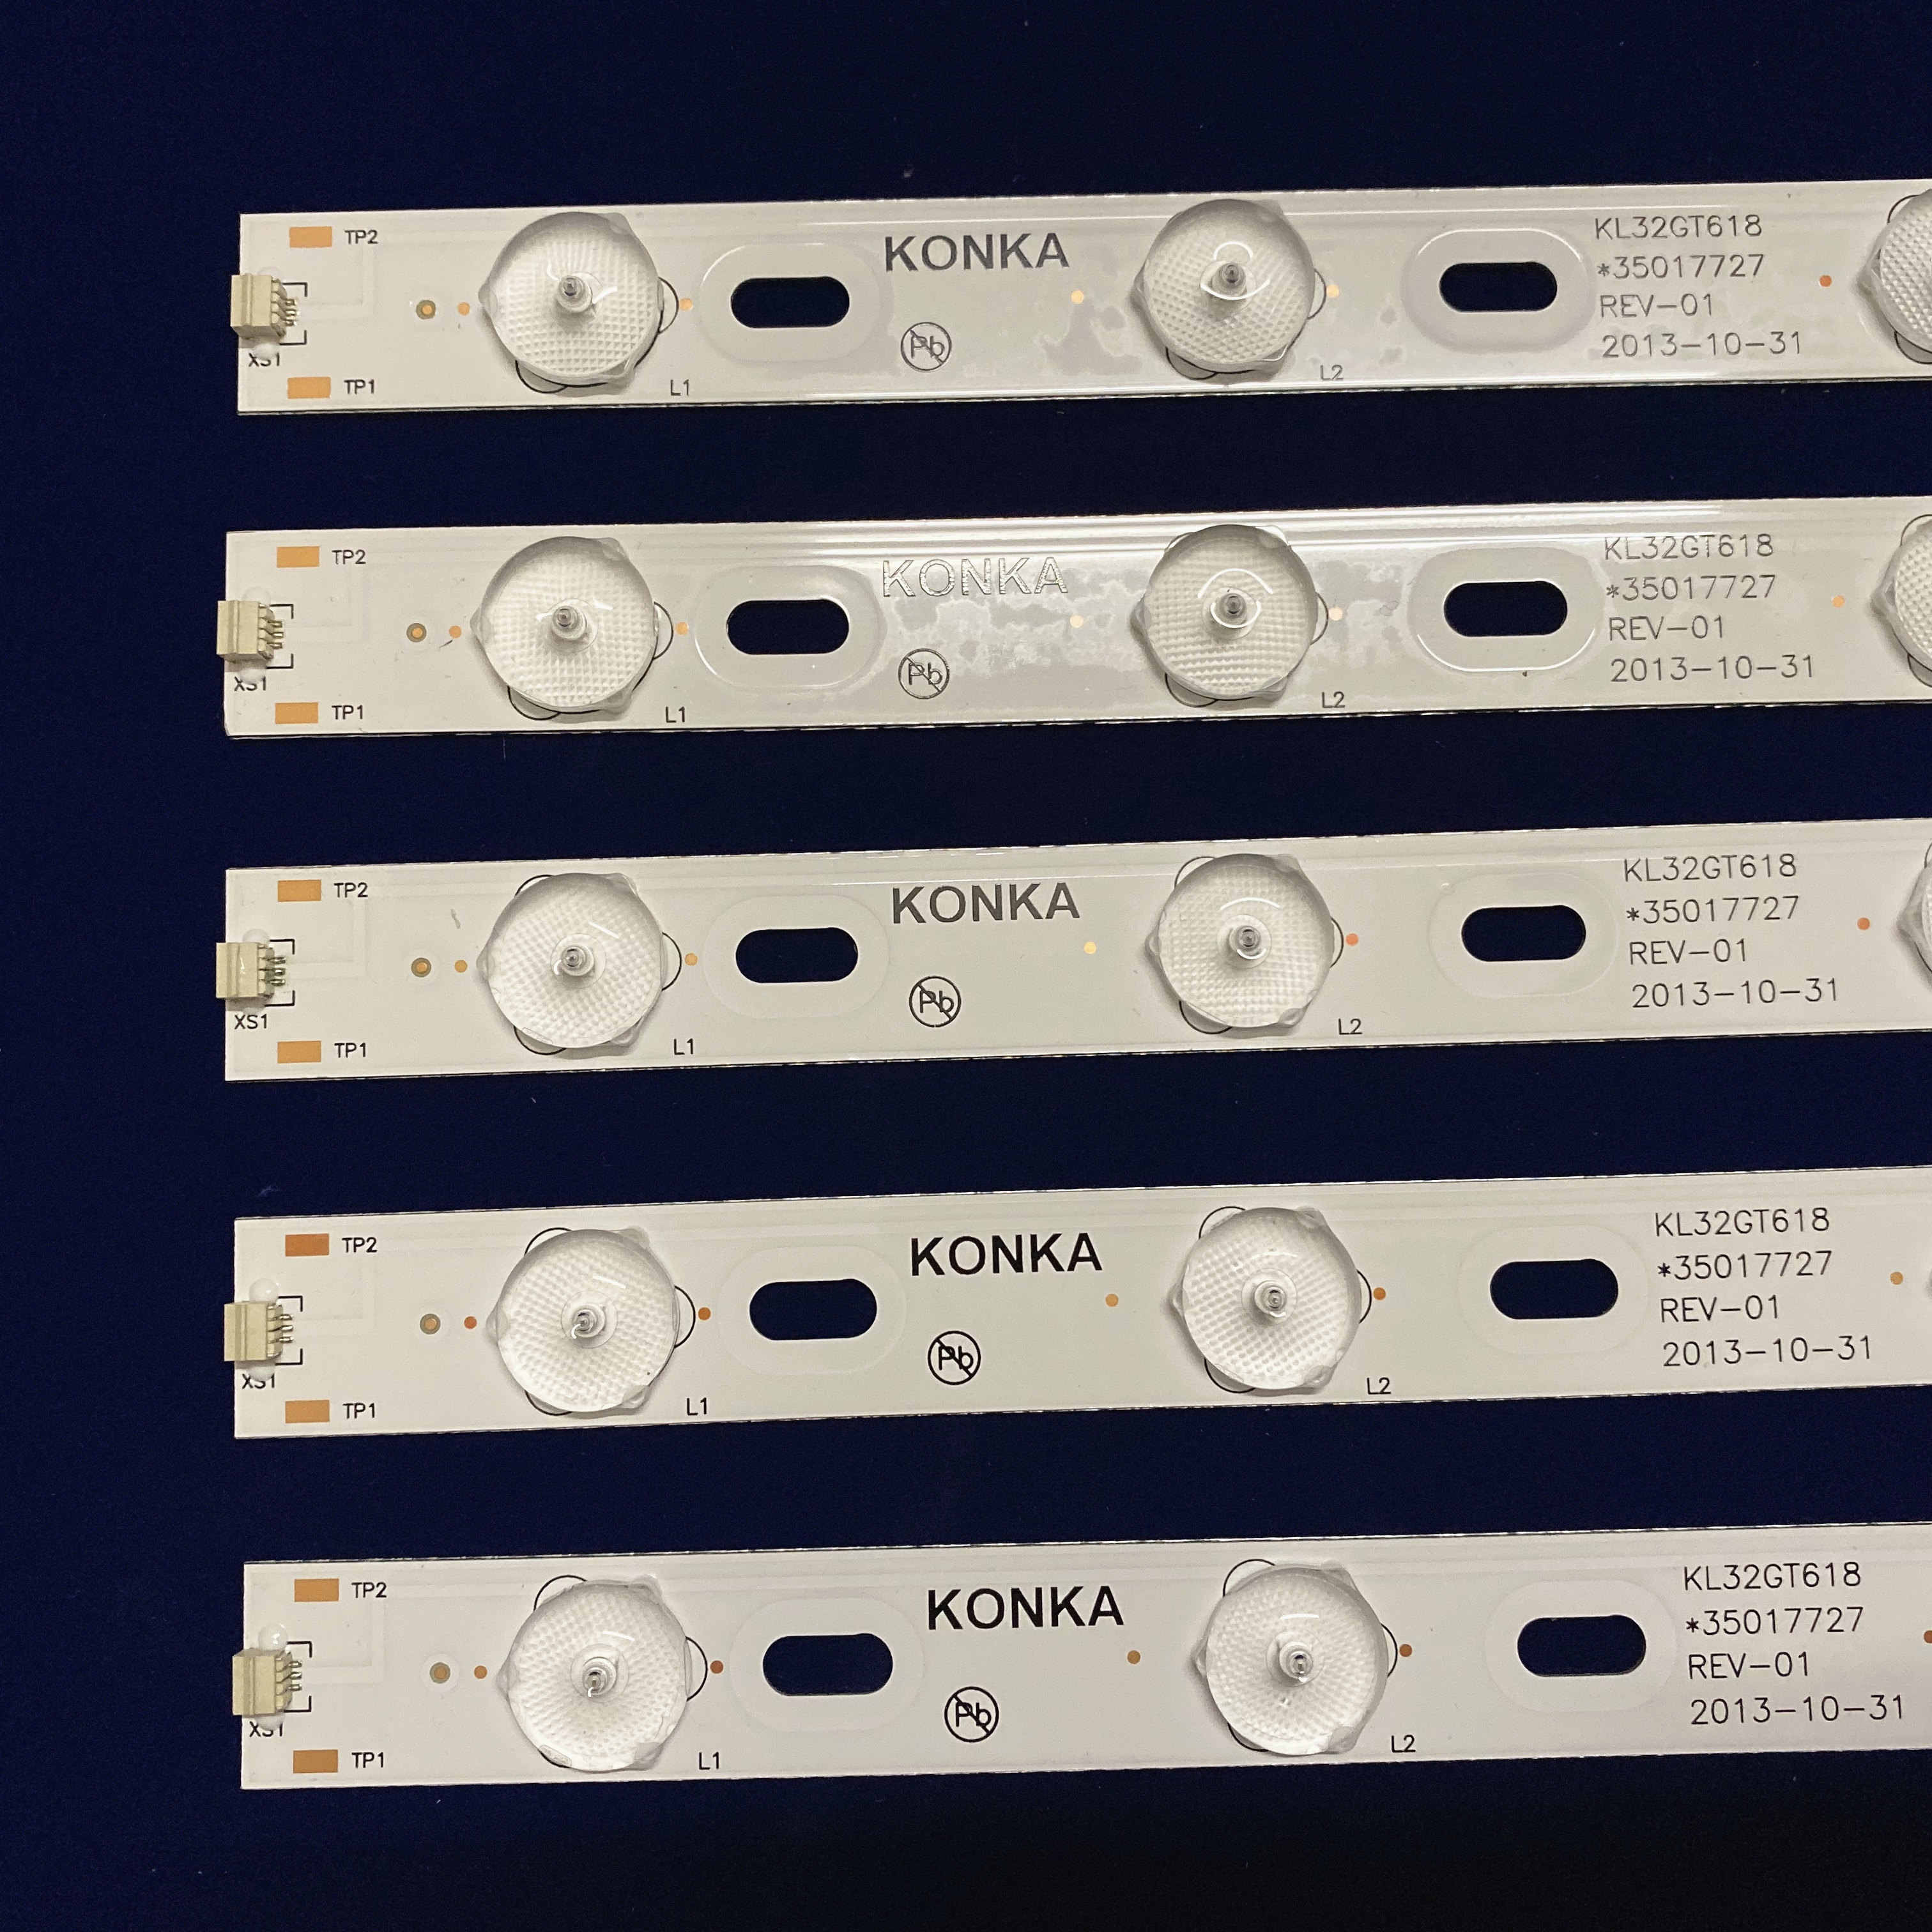 Oryginalny dla 32 cal telewizor z dostępem do kanałów KL32GT618 podświetlenie Led 35017727 1 sztuk = 10 led 644mm 6v